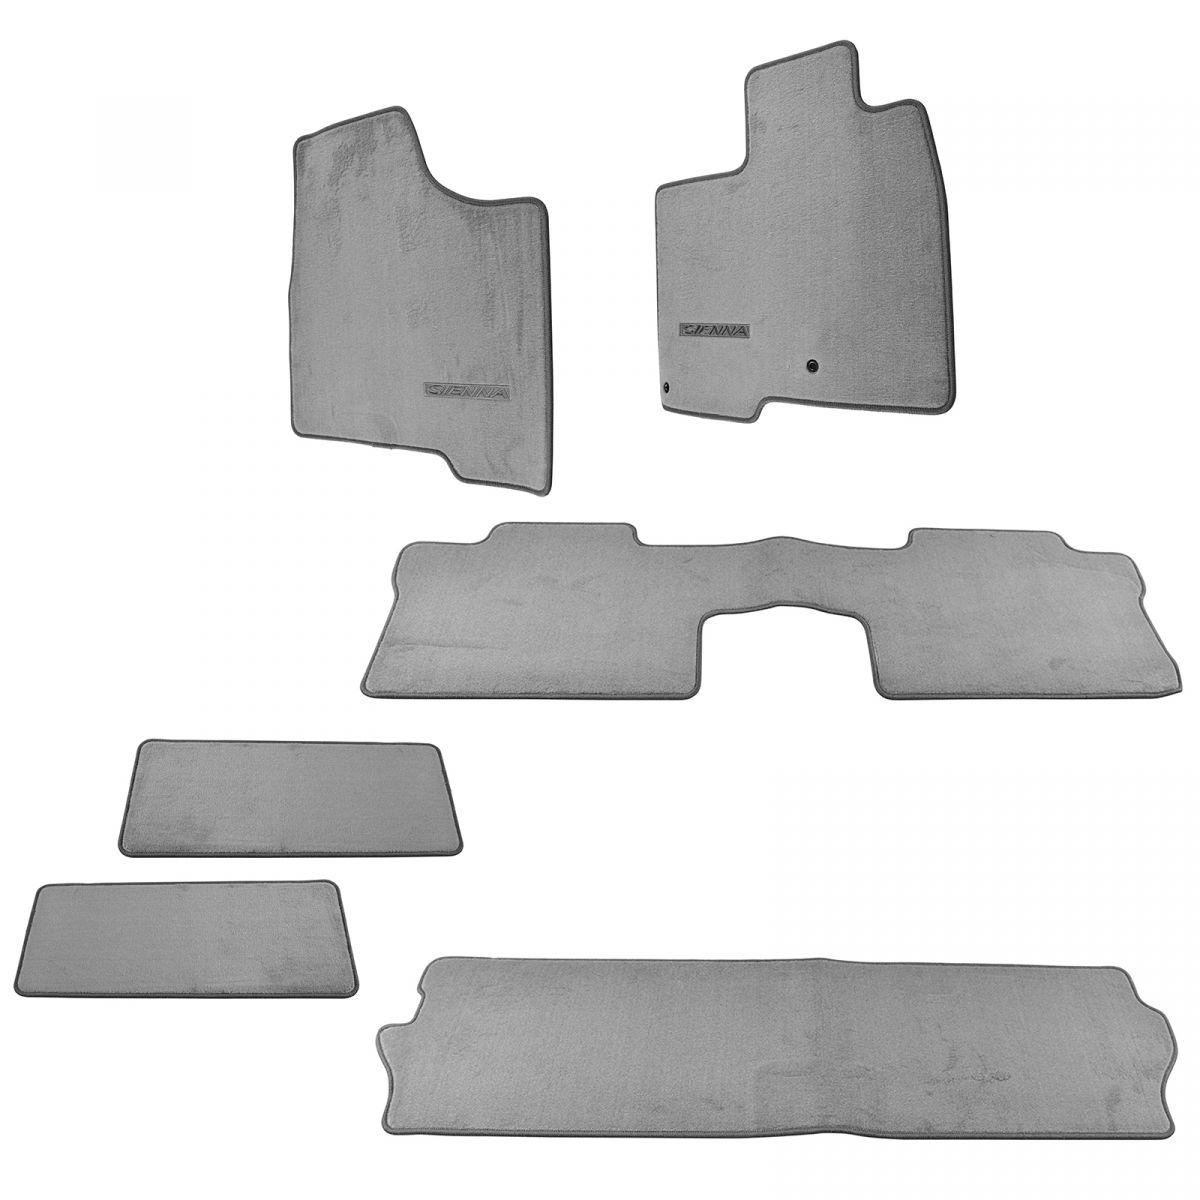 Oem Carpet Floor Mat Stone Gray Kit Set Of 6 For Toyota Sienna Van